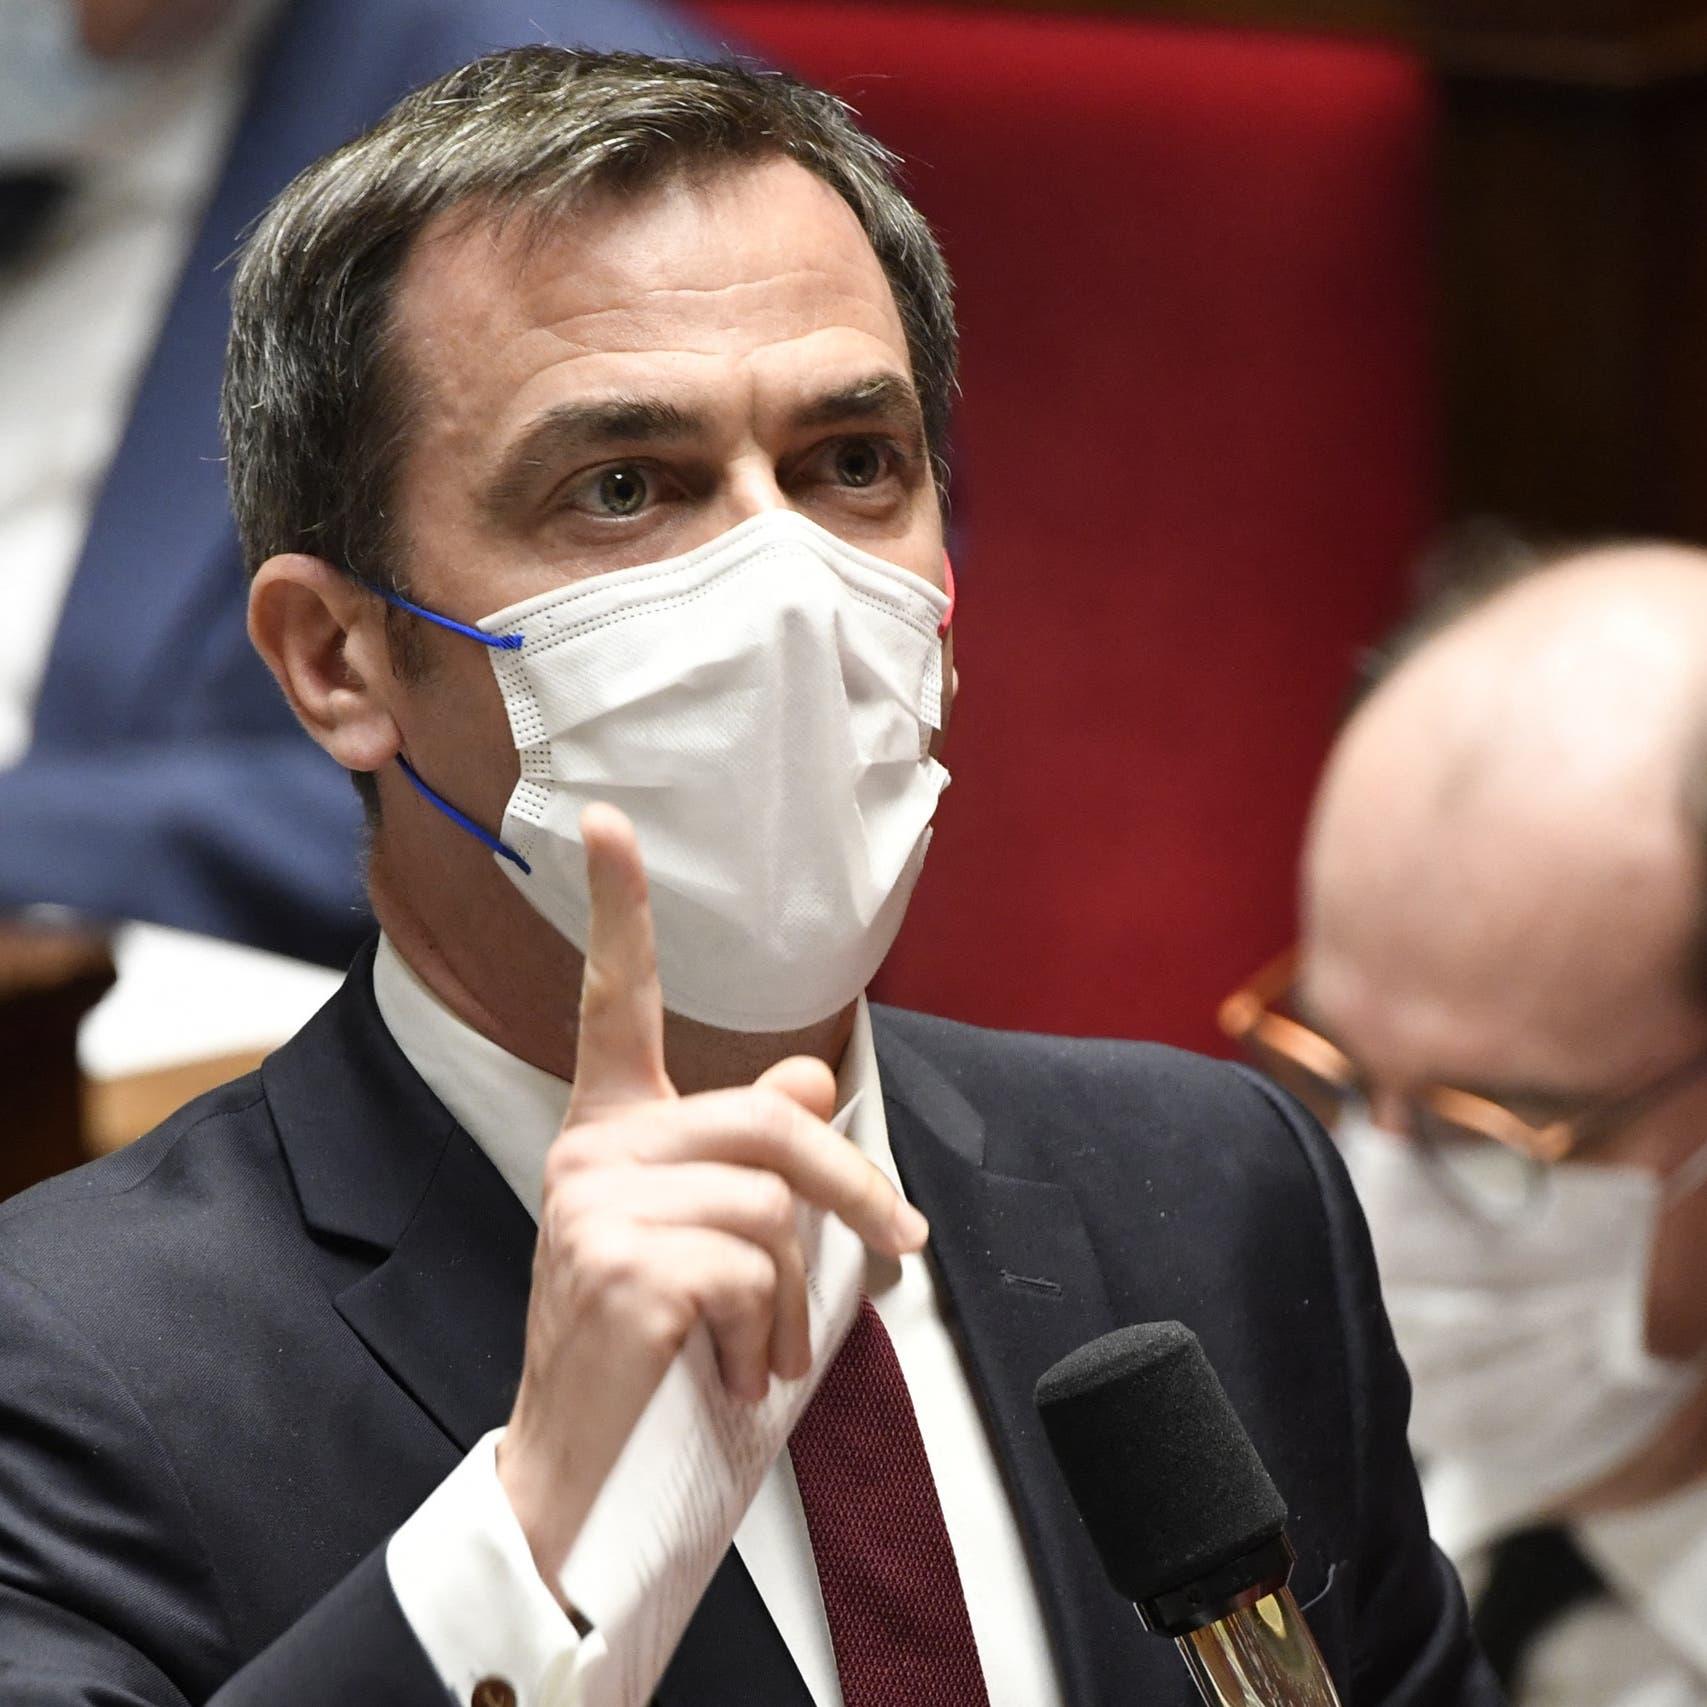 فرنسا.. ذروة إصابات كورونا خلال 10 أيام